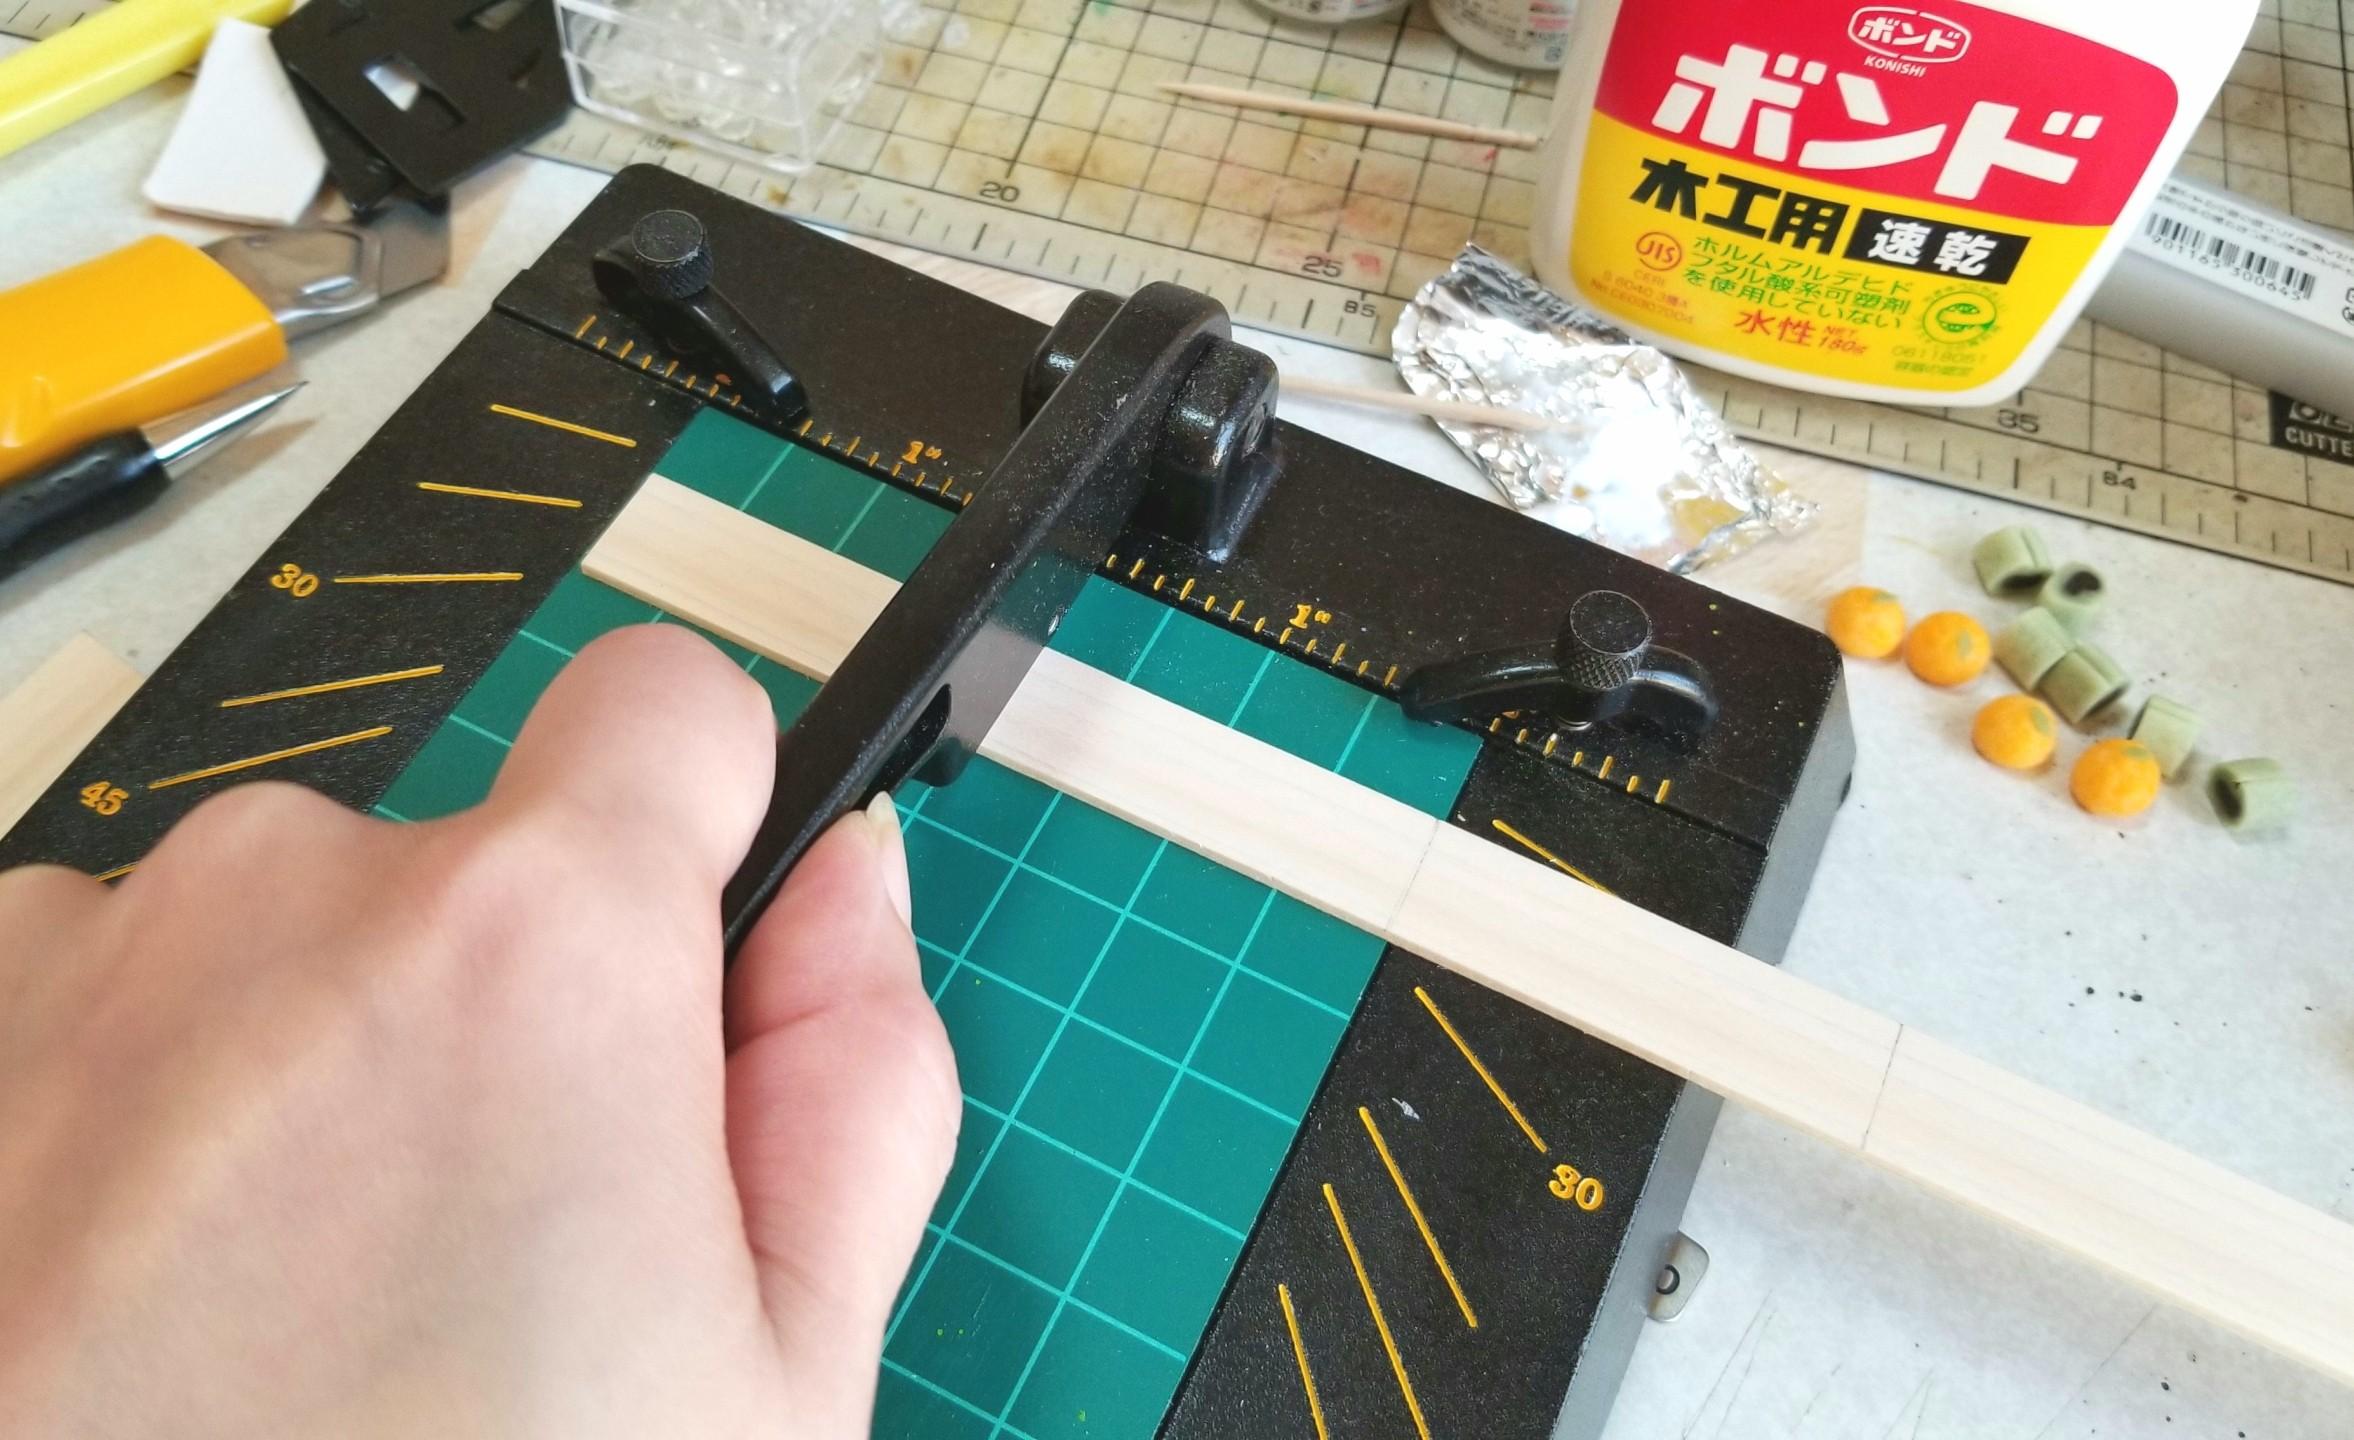 ミニチュア,チョッパー,木工作業,木材のトレー,箱,作り方,ドール